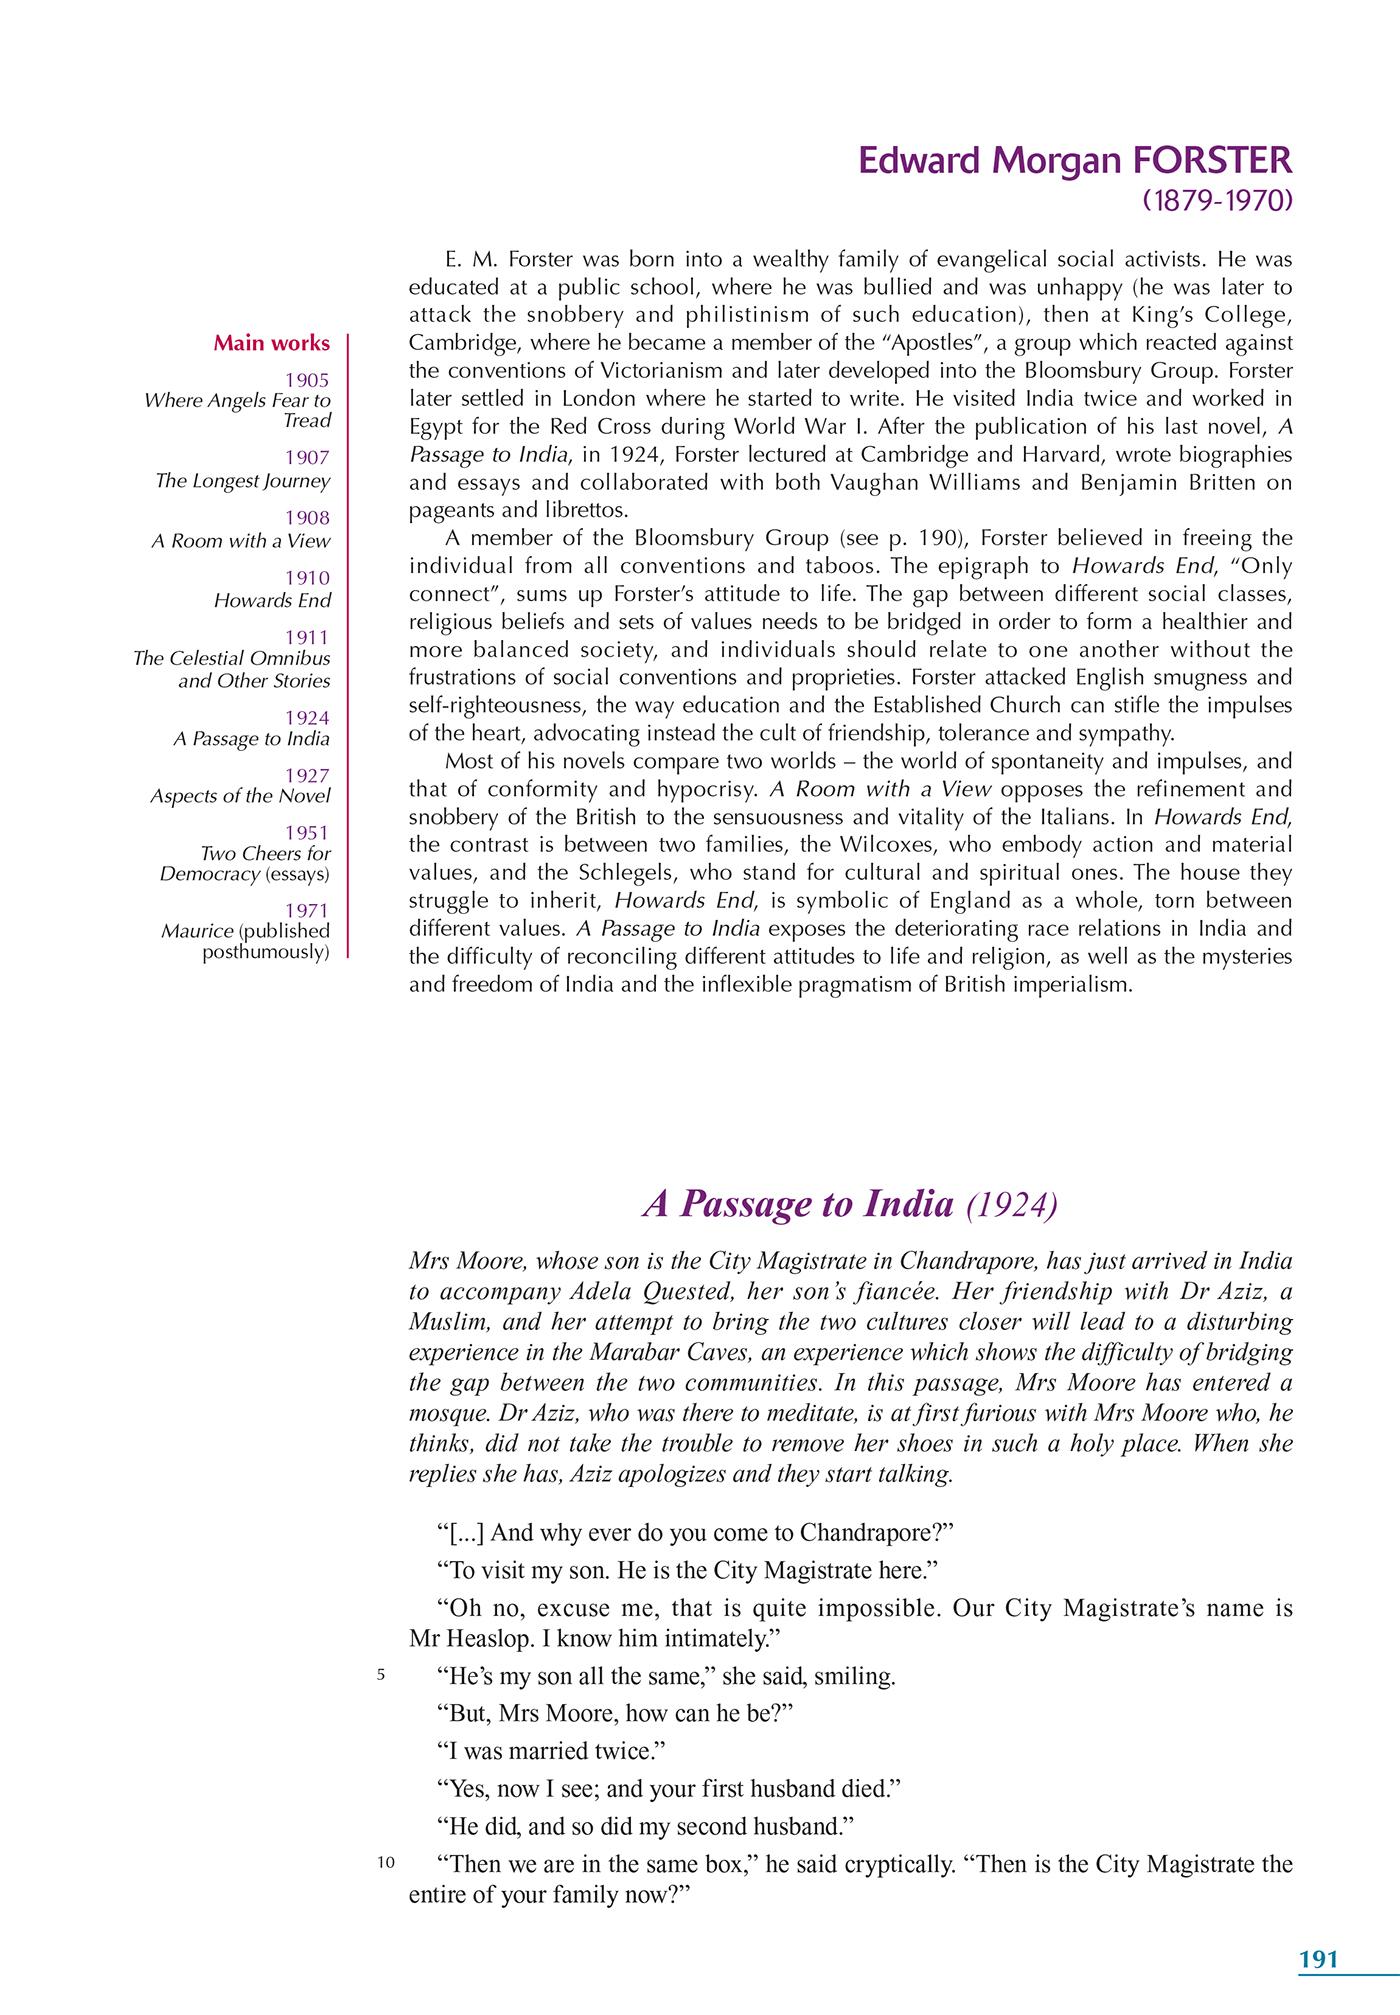 hachette education parascolaire anthologie de la litt atilde copy rature feuilletage extrait pdf